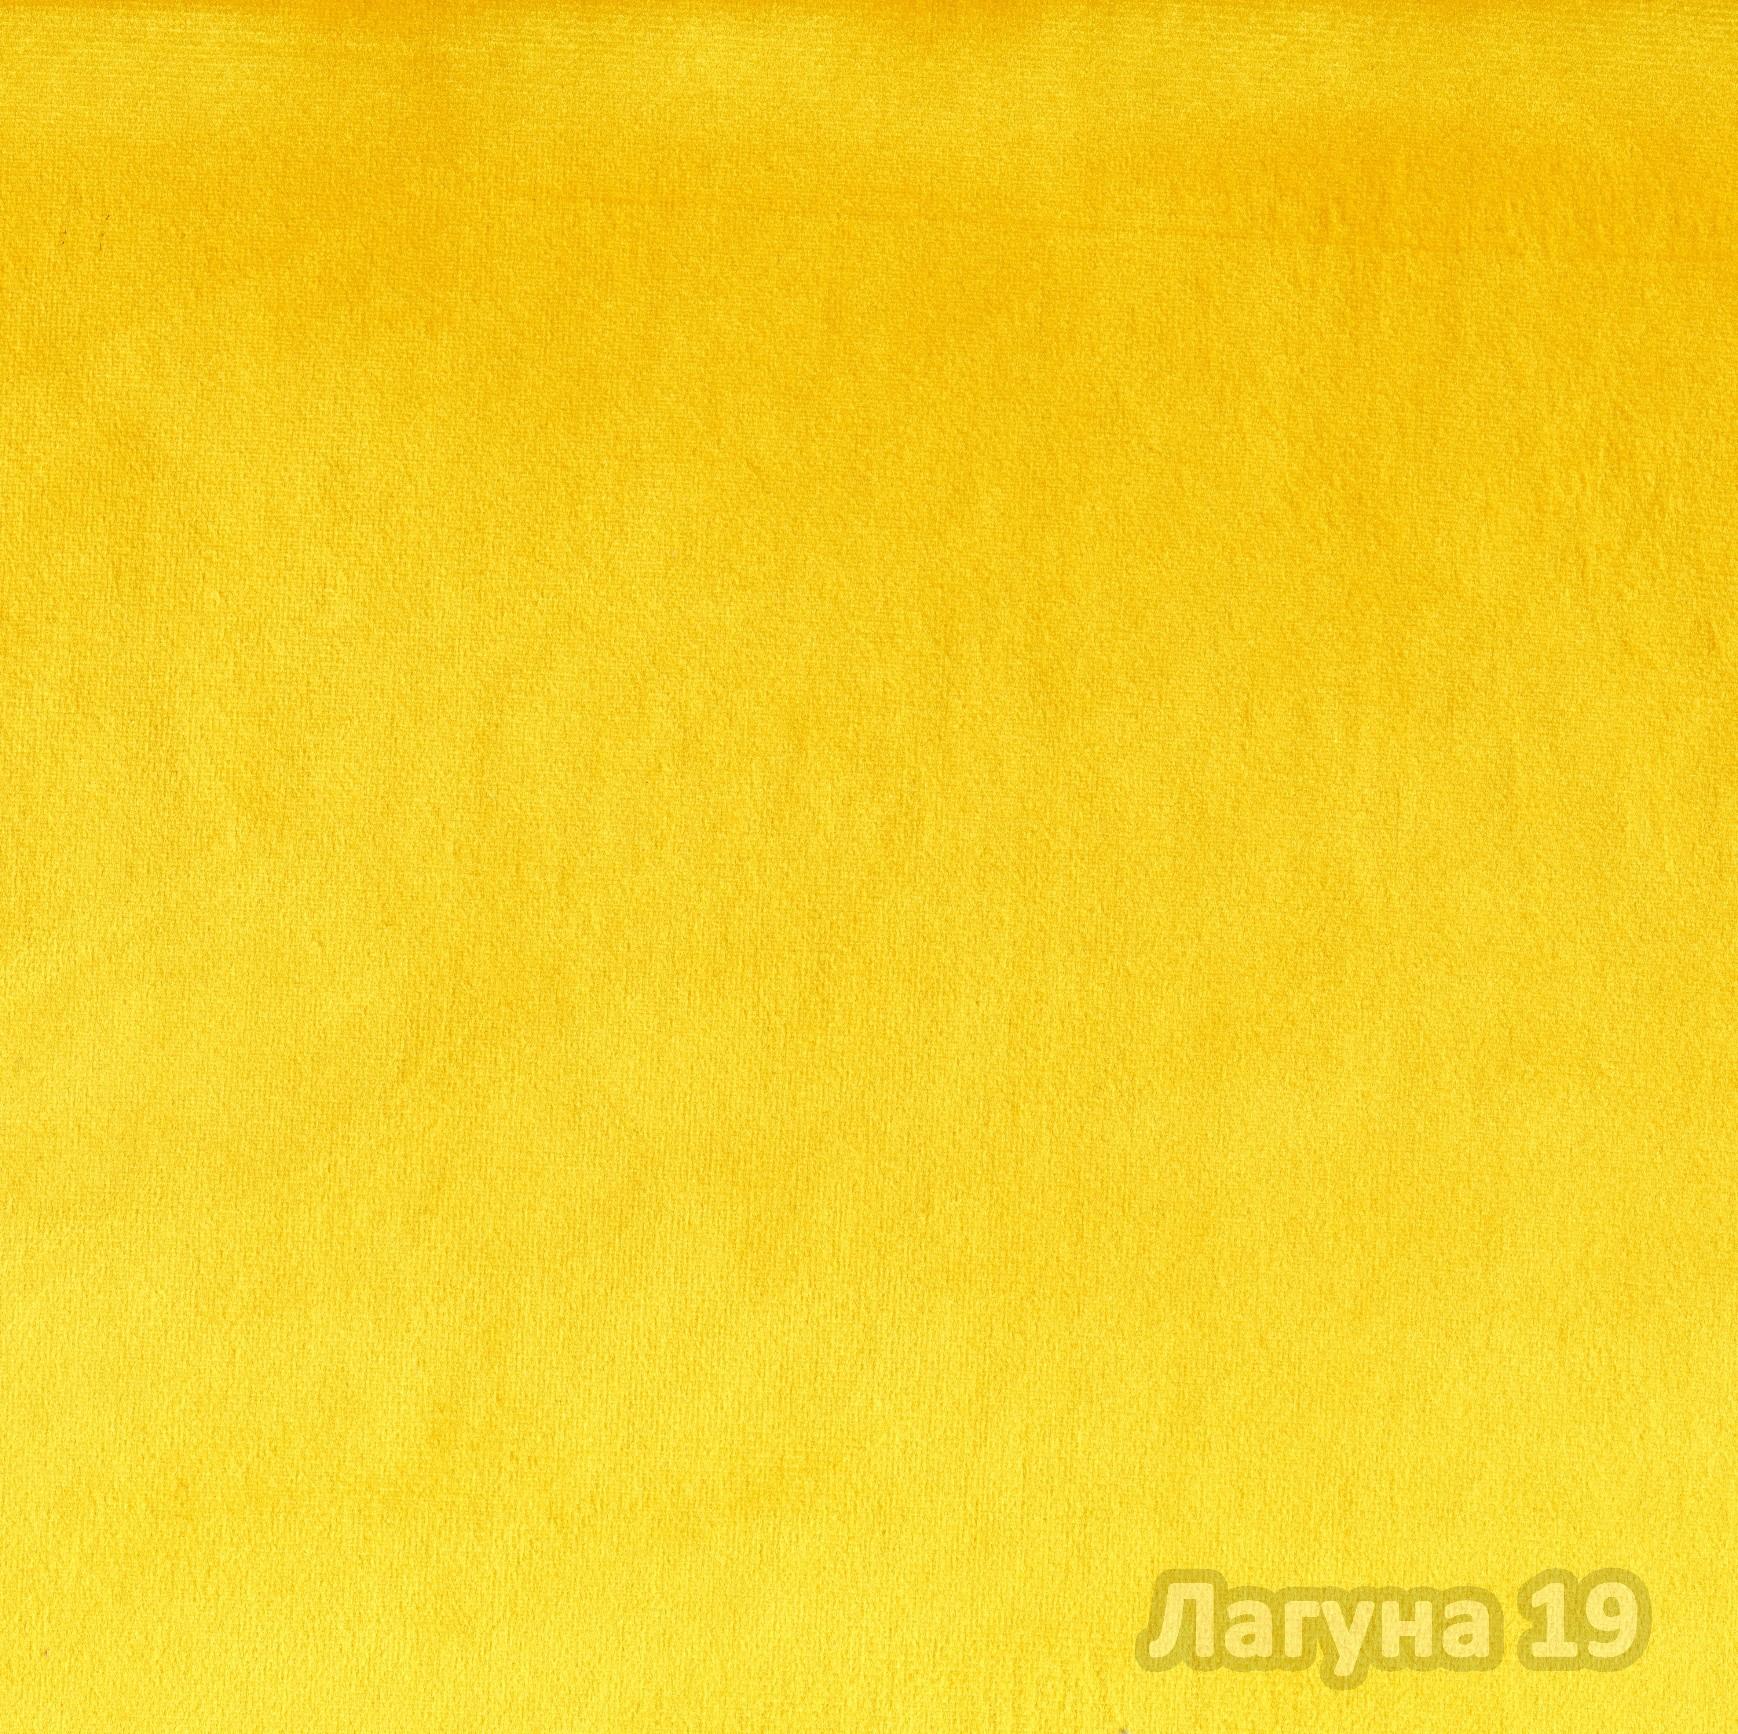 Коллекция ткани Лагуна 19,  купить ткань Велюр для мебели Украина